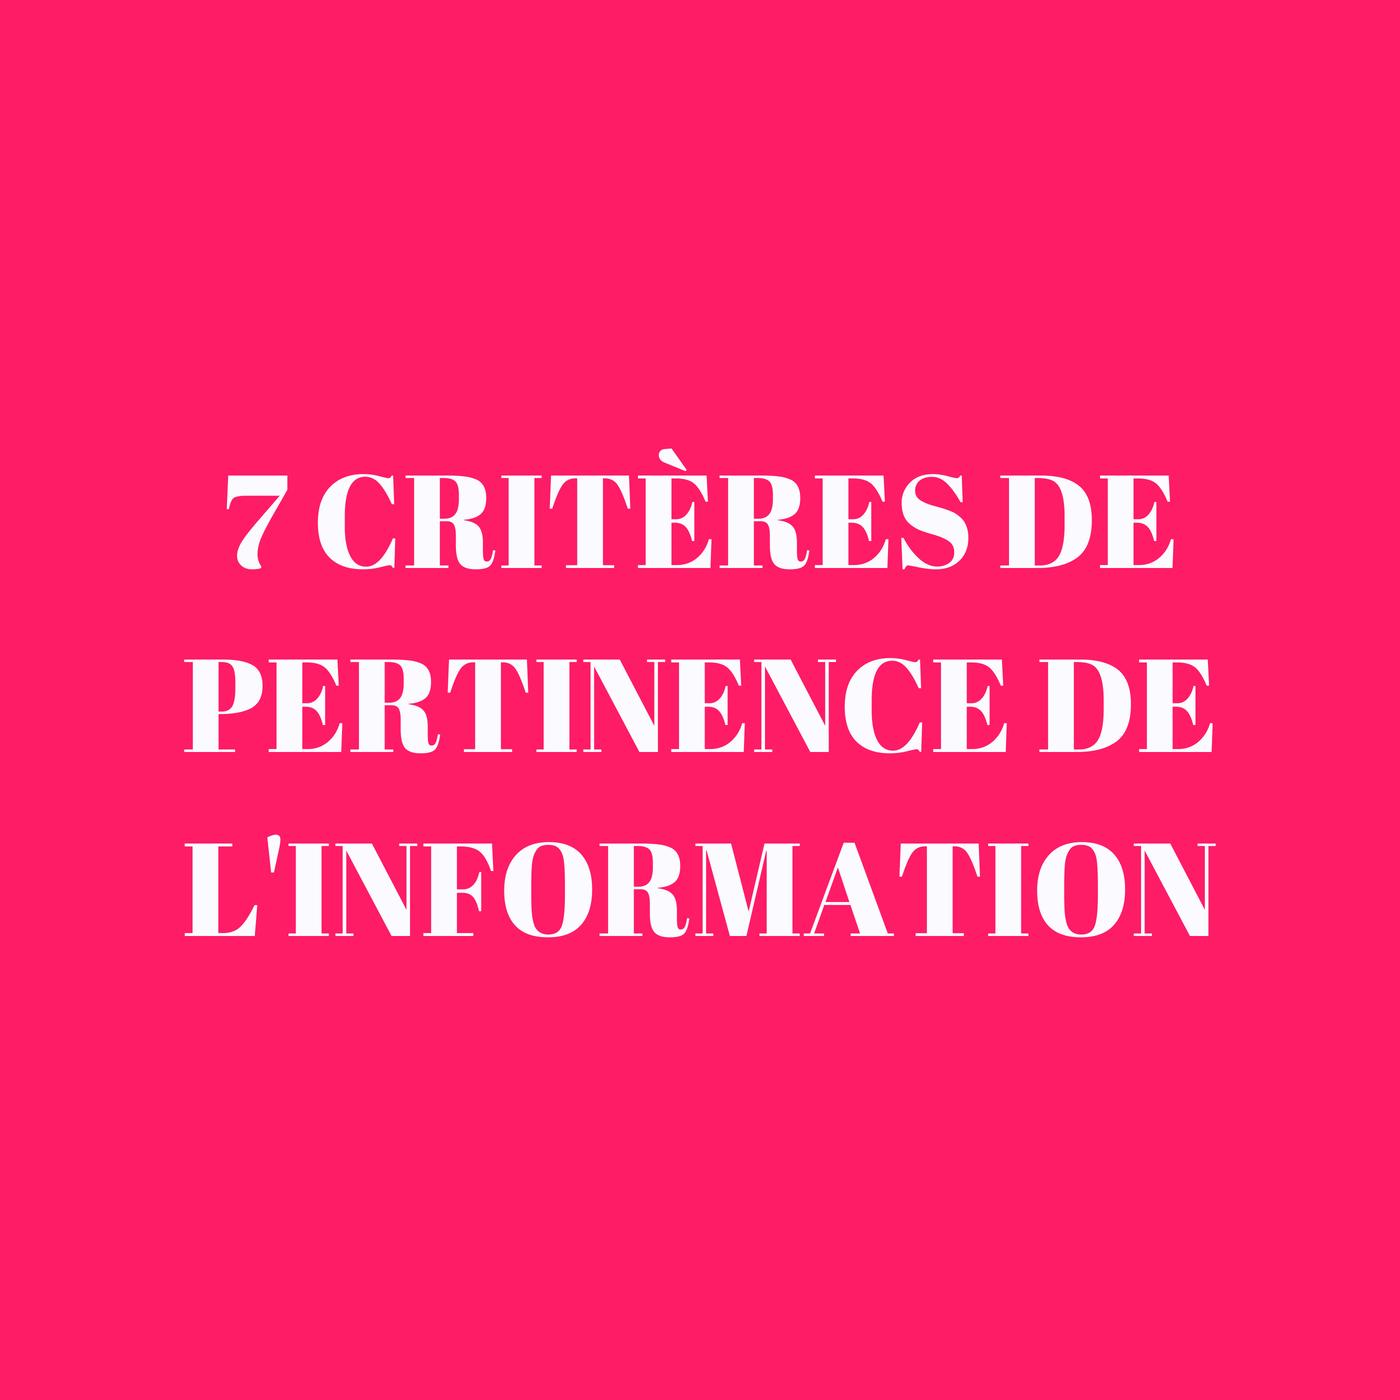 7 critères de pertinence de l'information